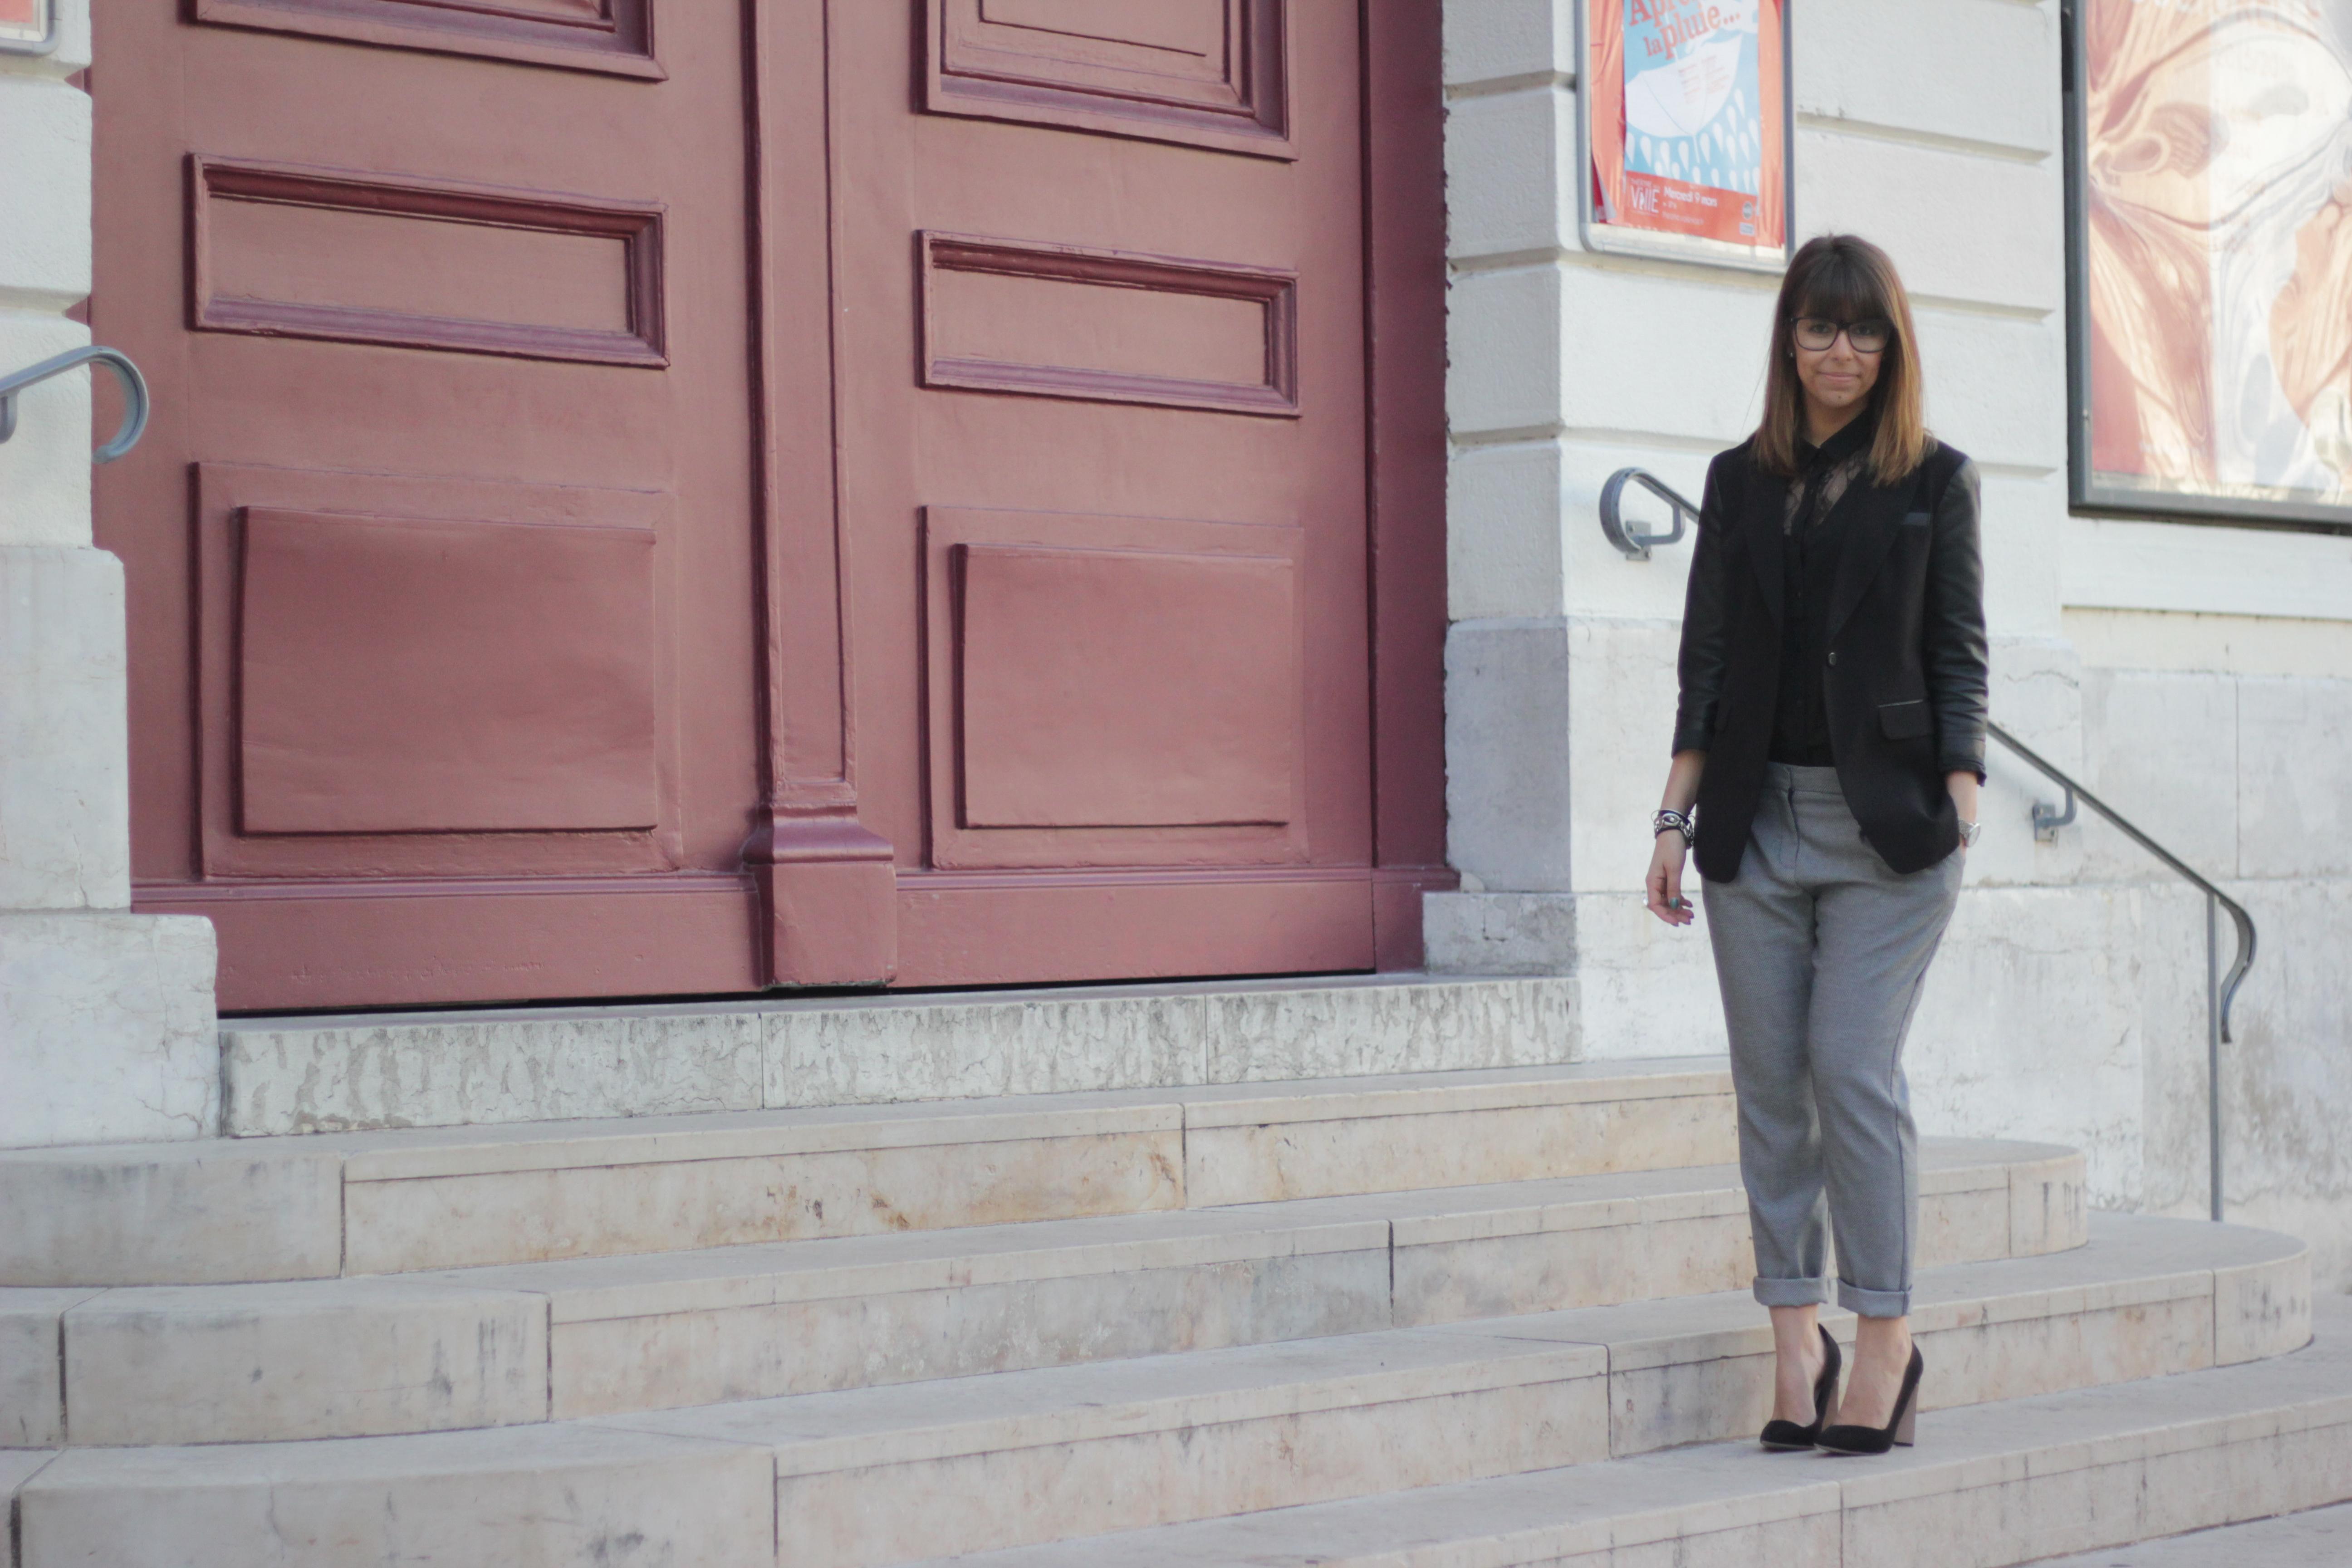 photo shoes pieds théâtre valence